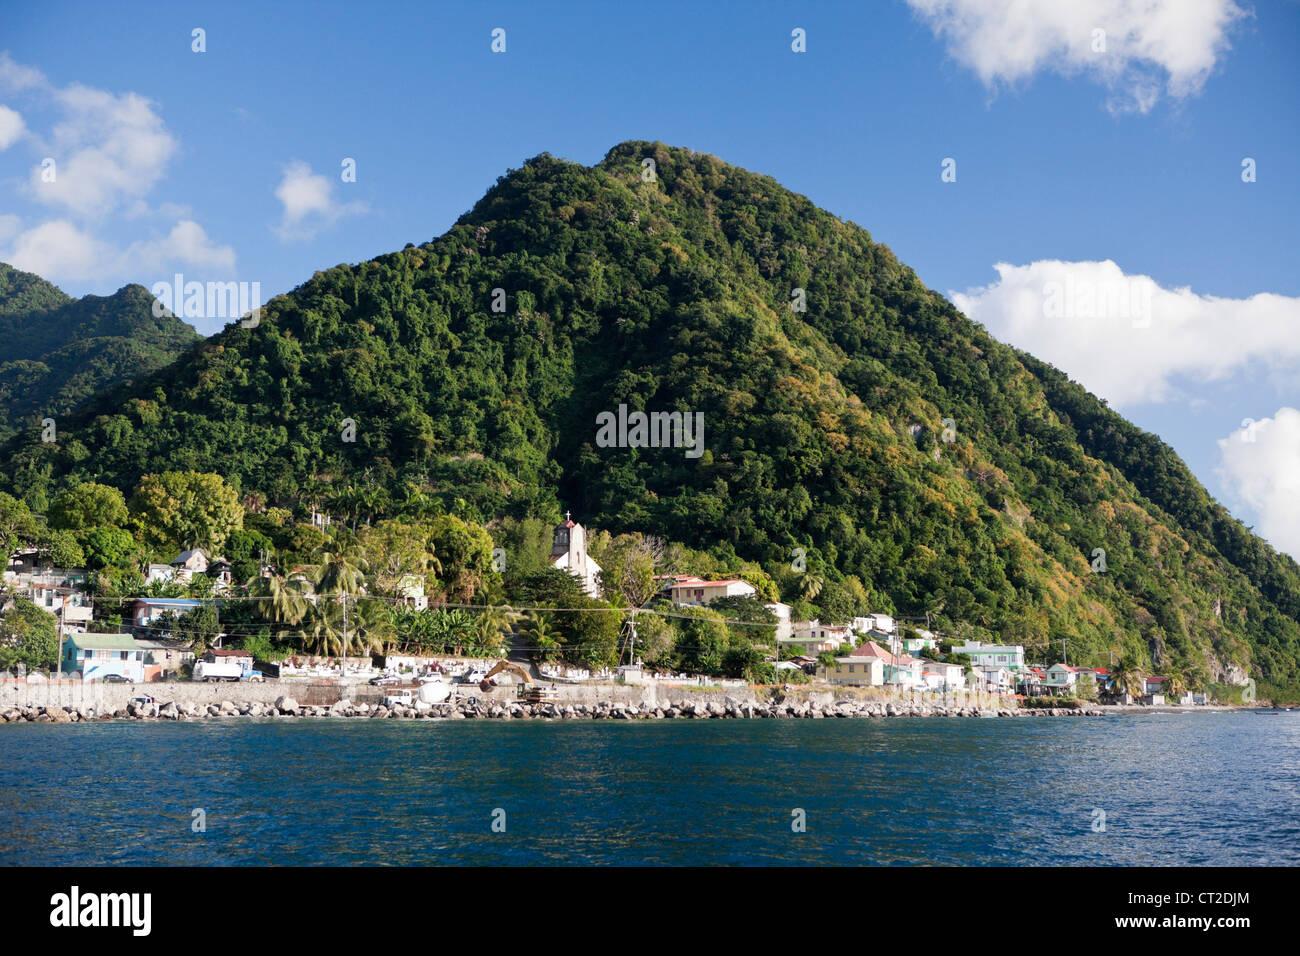 Coast close to Roseau, Caribbean Sea, Dominica - Stock Image